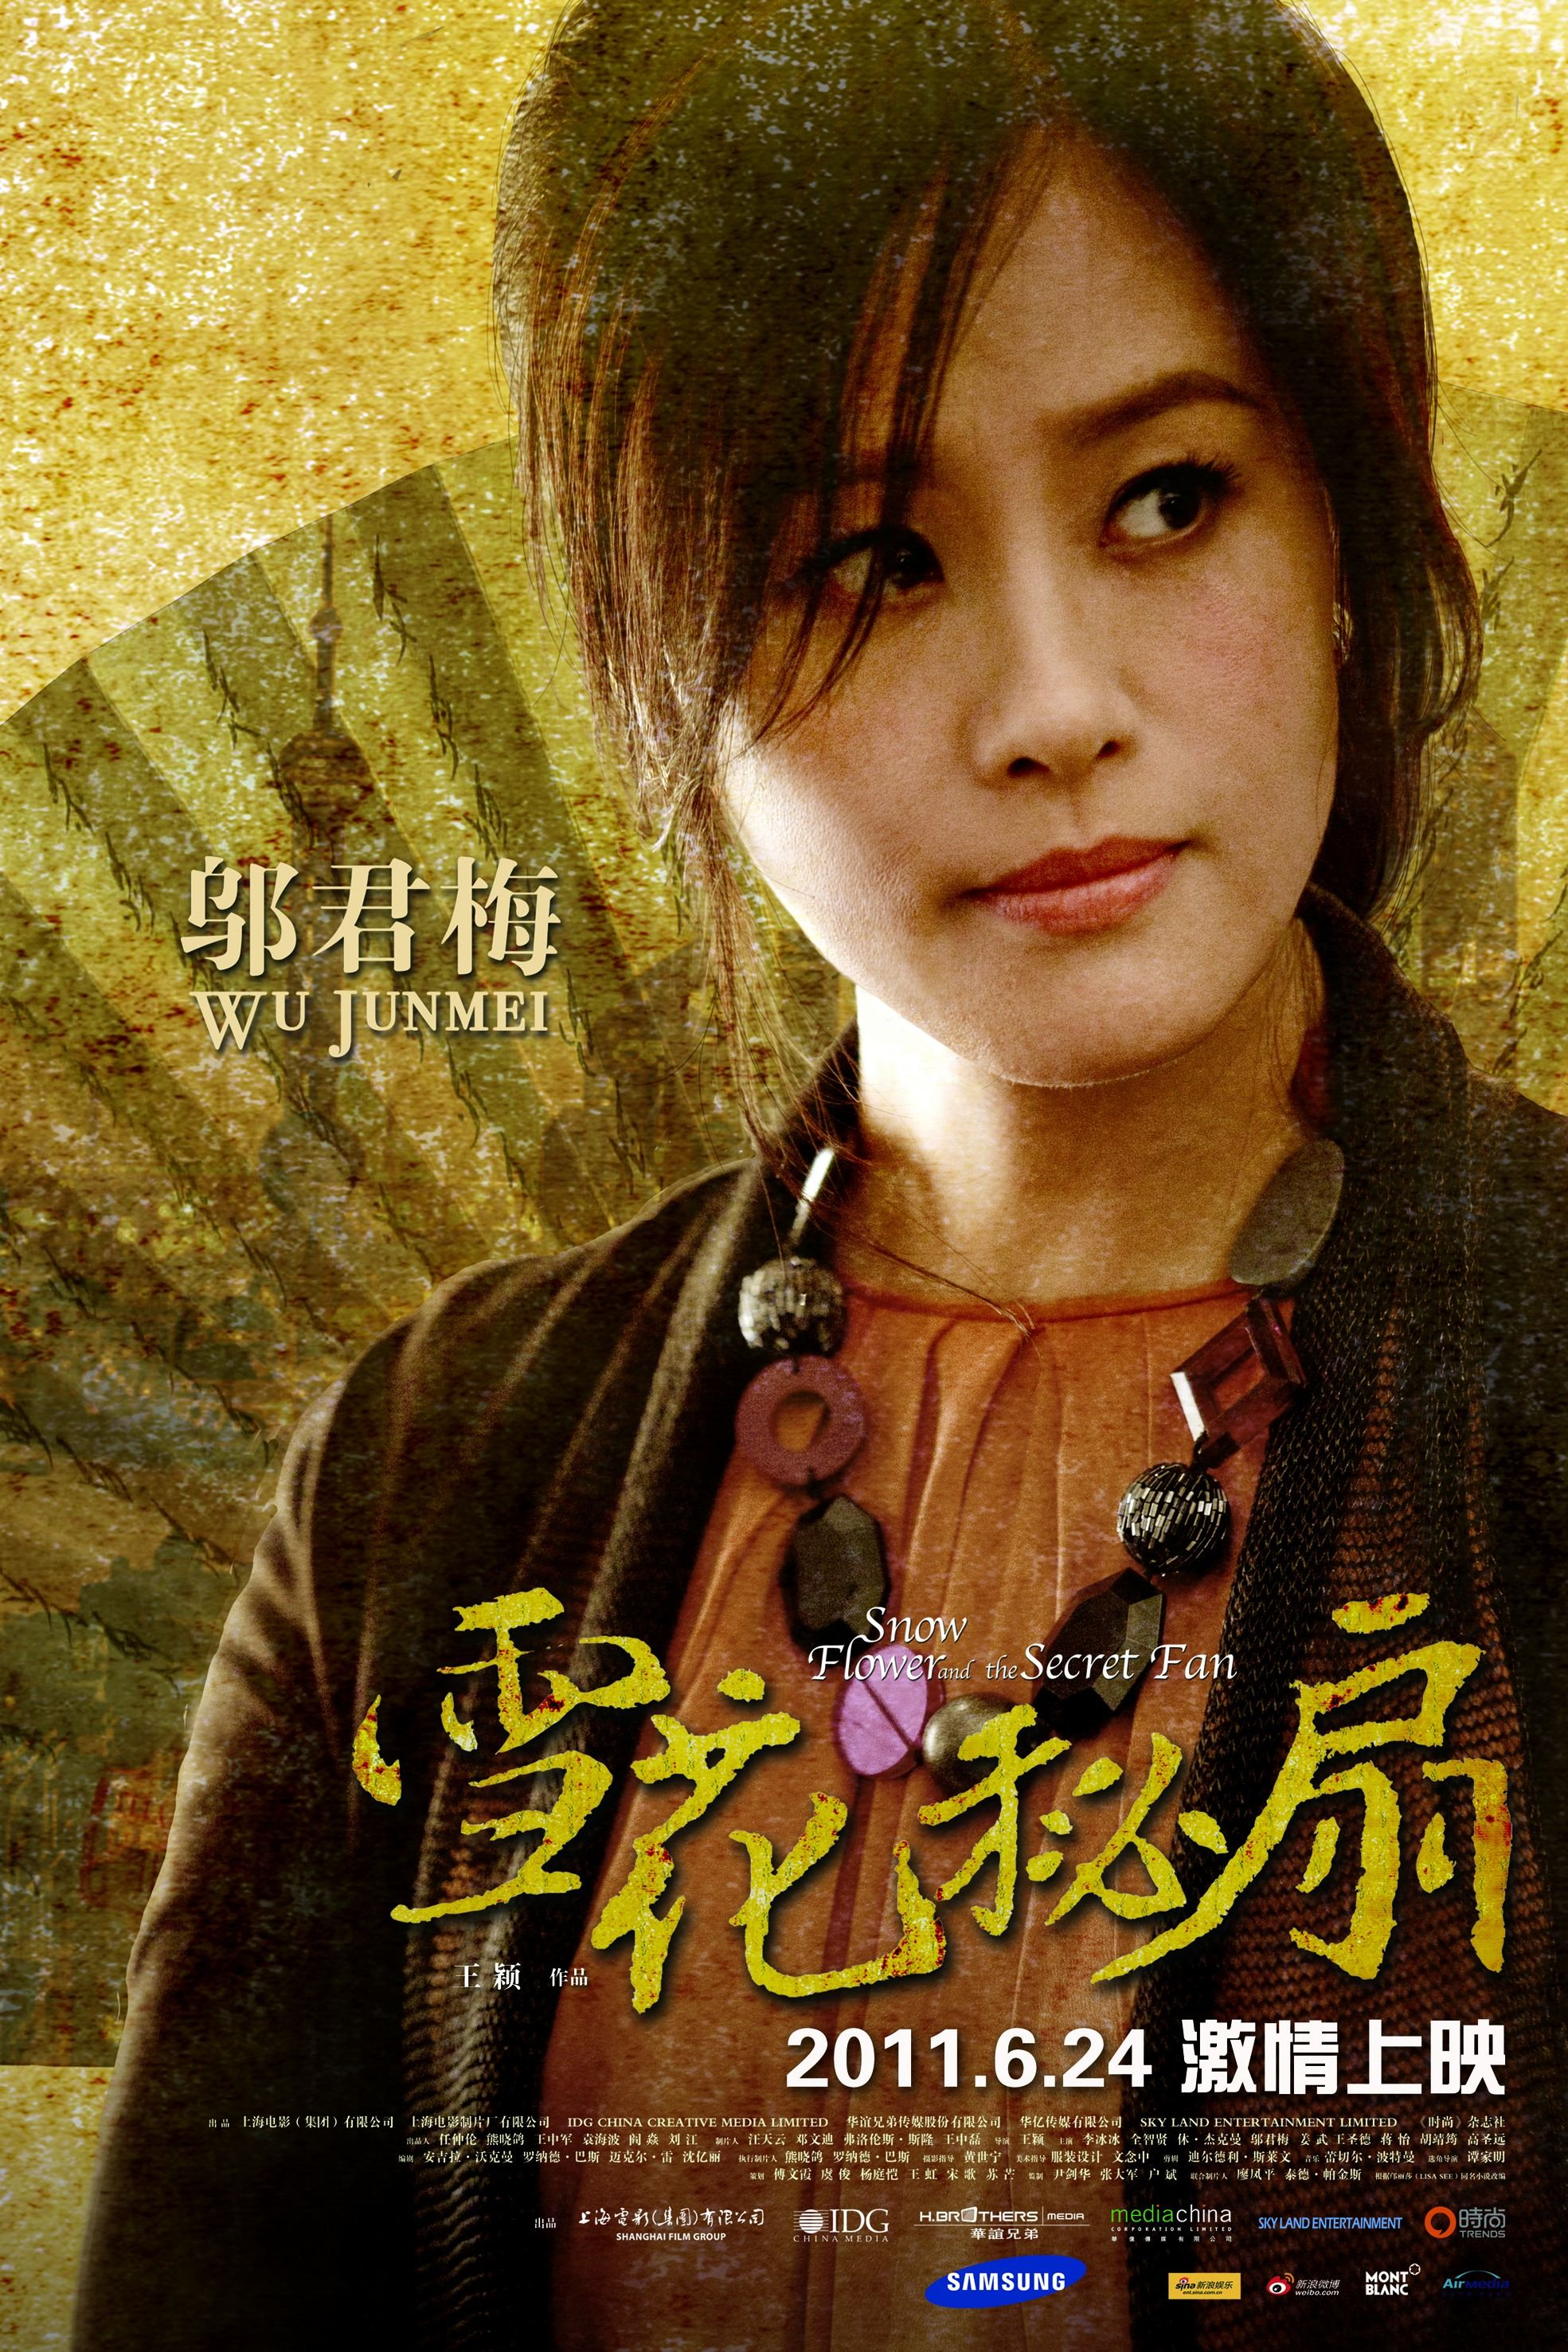 плакат фильма характер-постер Снежный цветок и заветный веер*